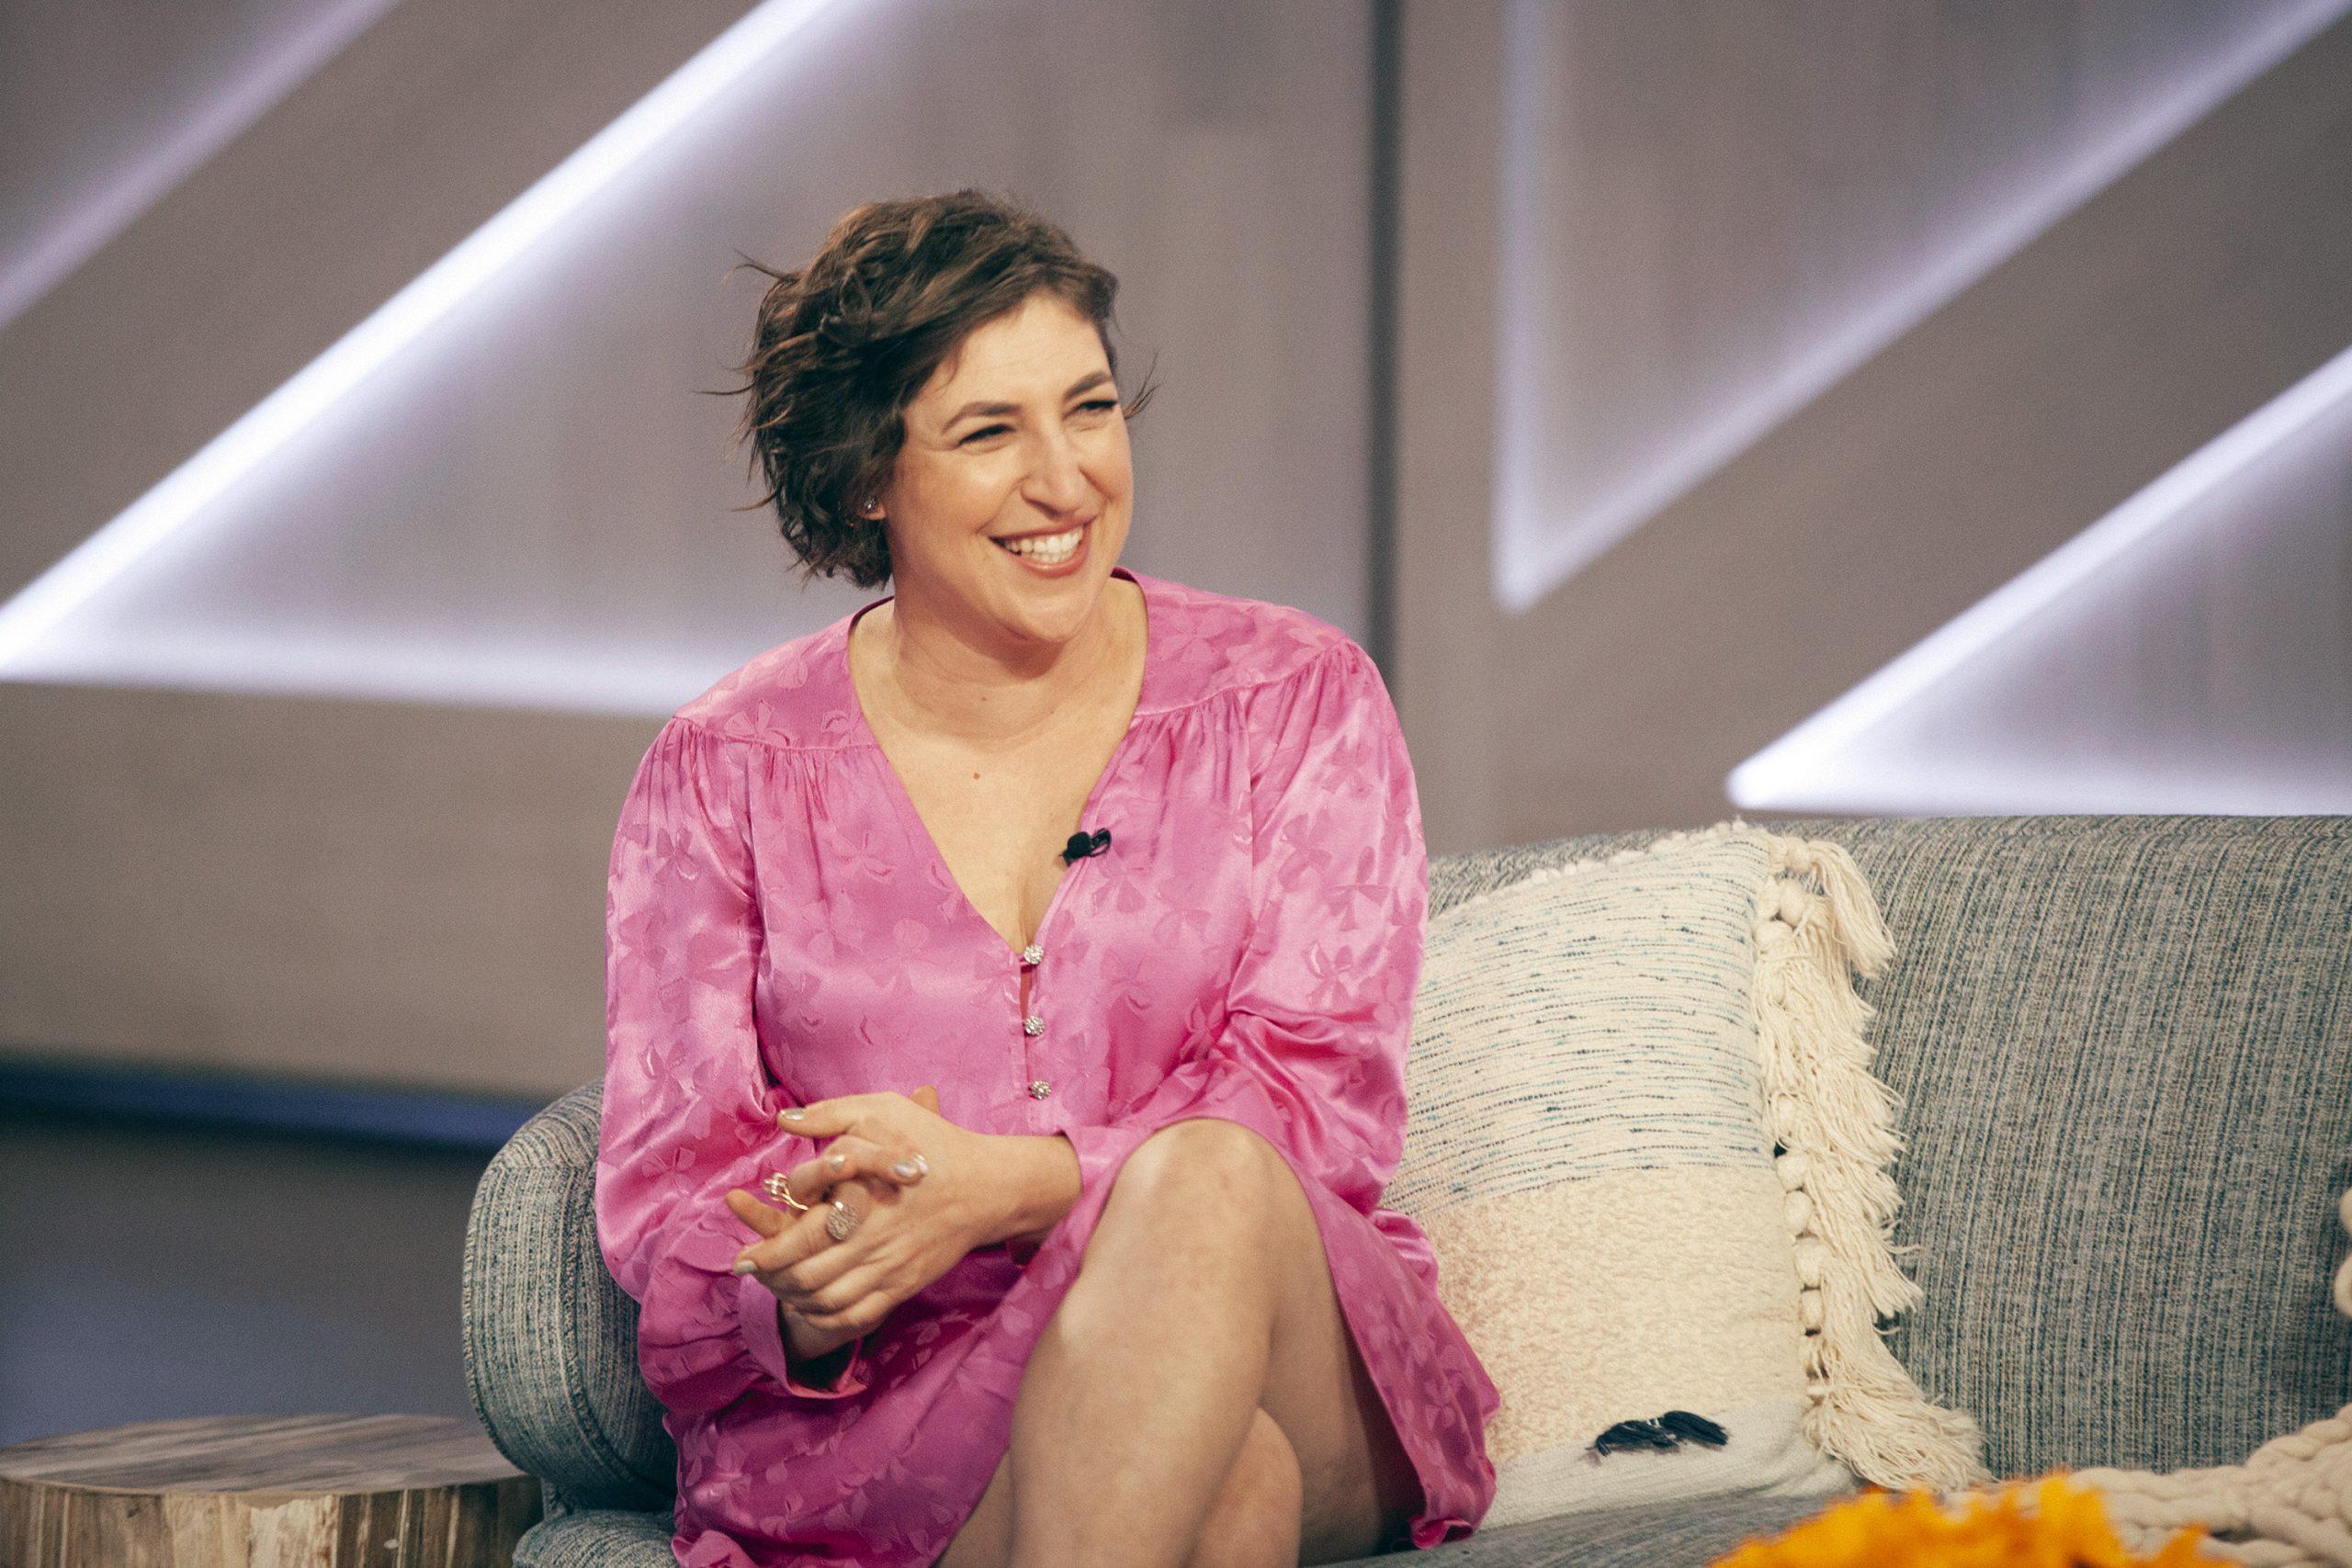 New 'Jeopardy!' co-host Mayim Bialik